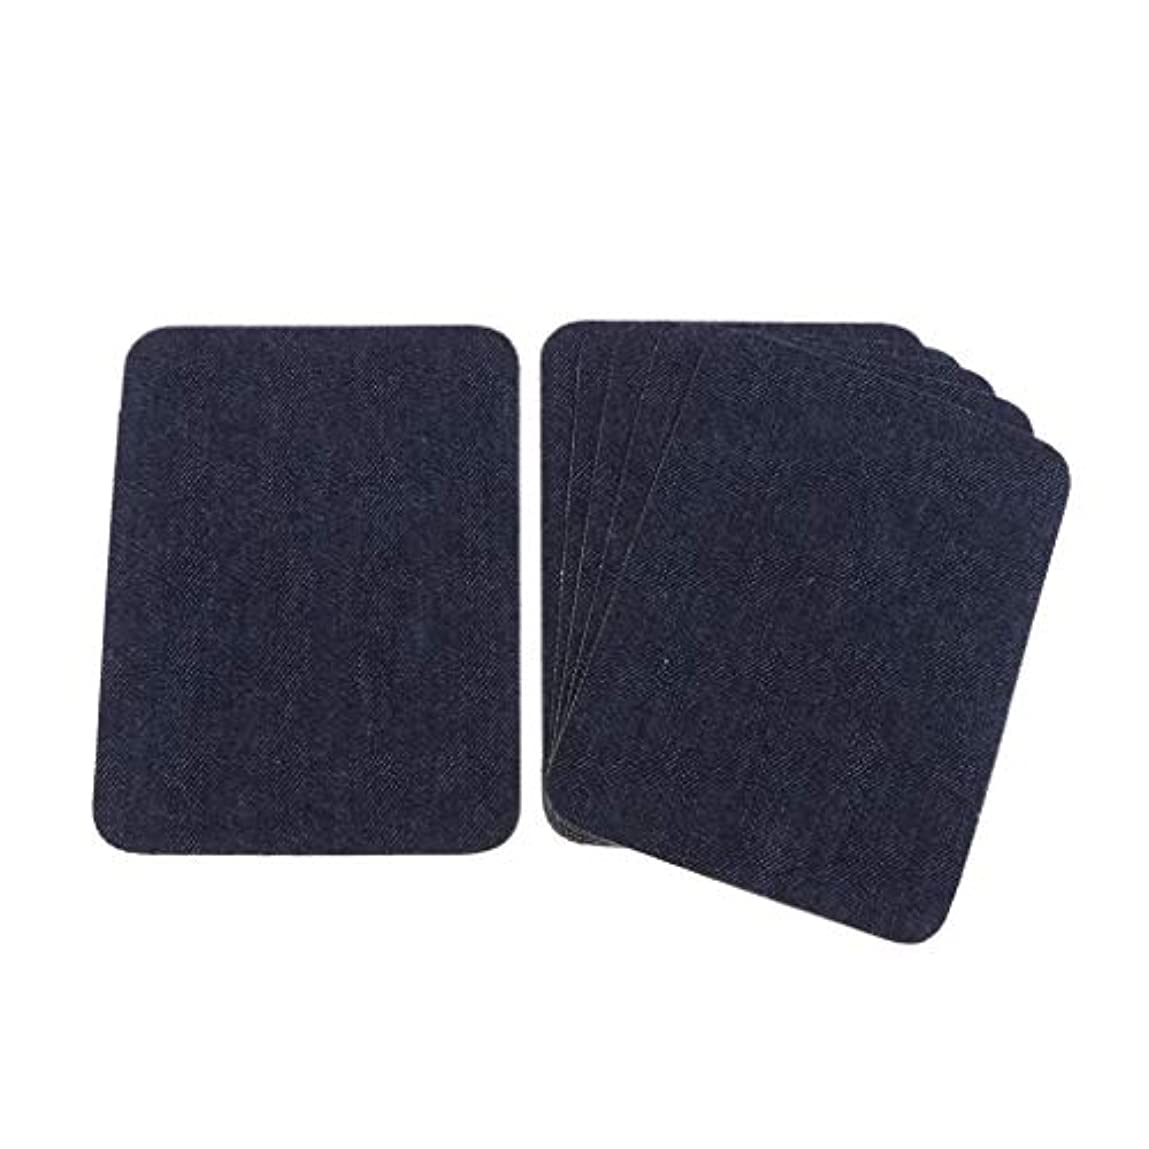 フェード立ち寄る懐疑論dailymall デニムパッチ 補修布 膝パッチ 肘パッチ ワッペン アップリケ 装飾材料 6個 全5カラー - 藍色